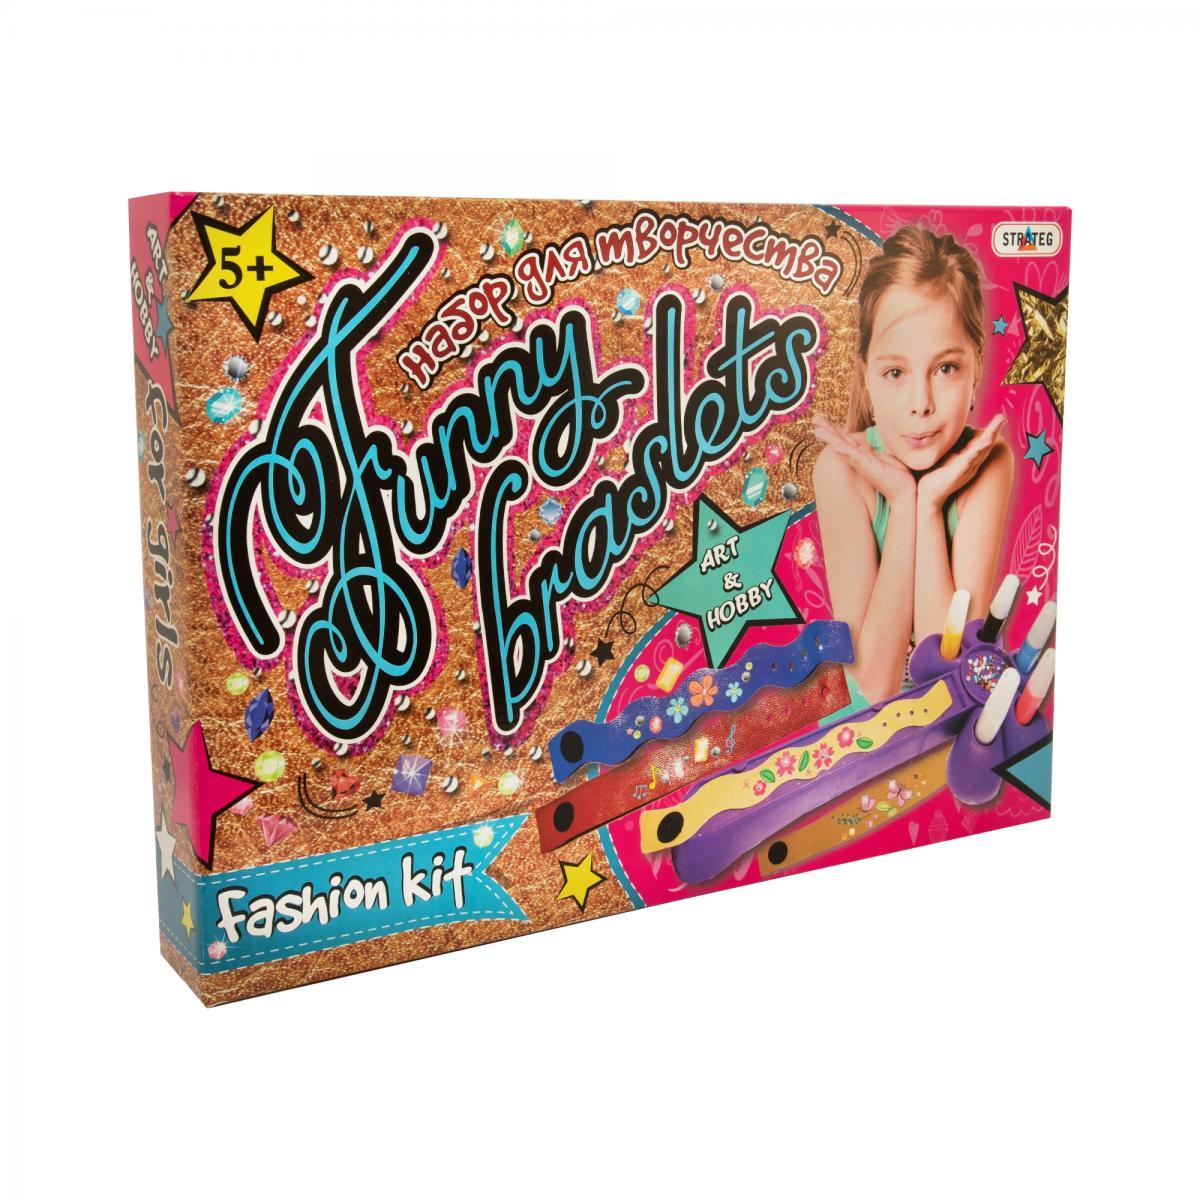 Как выбрать подарок на 8 марта ребенку?, фото №6 - интернет магазин Платошка